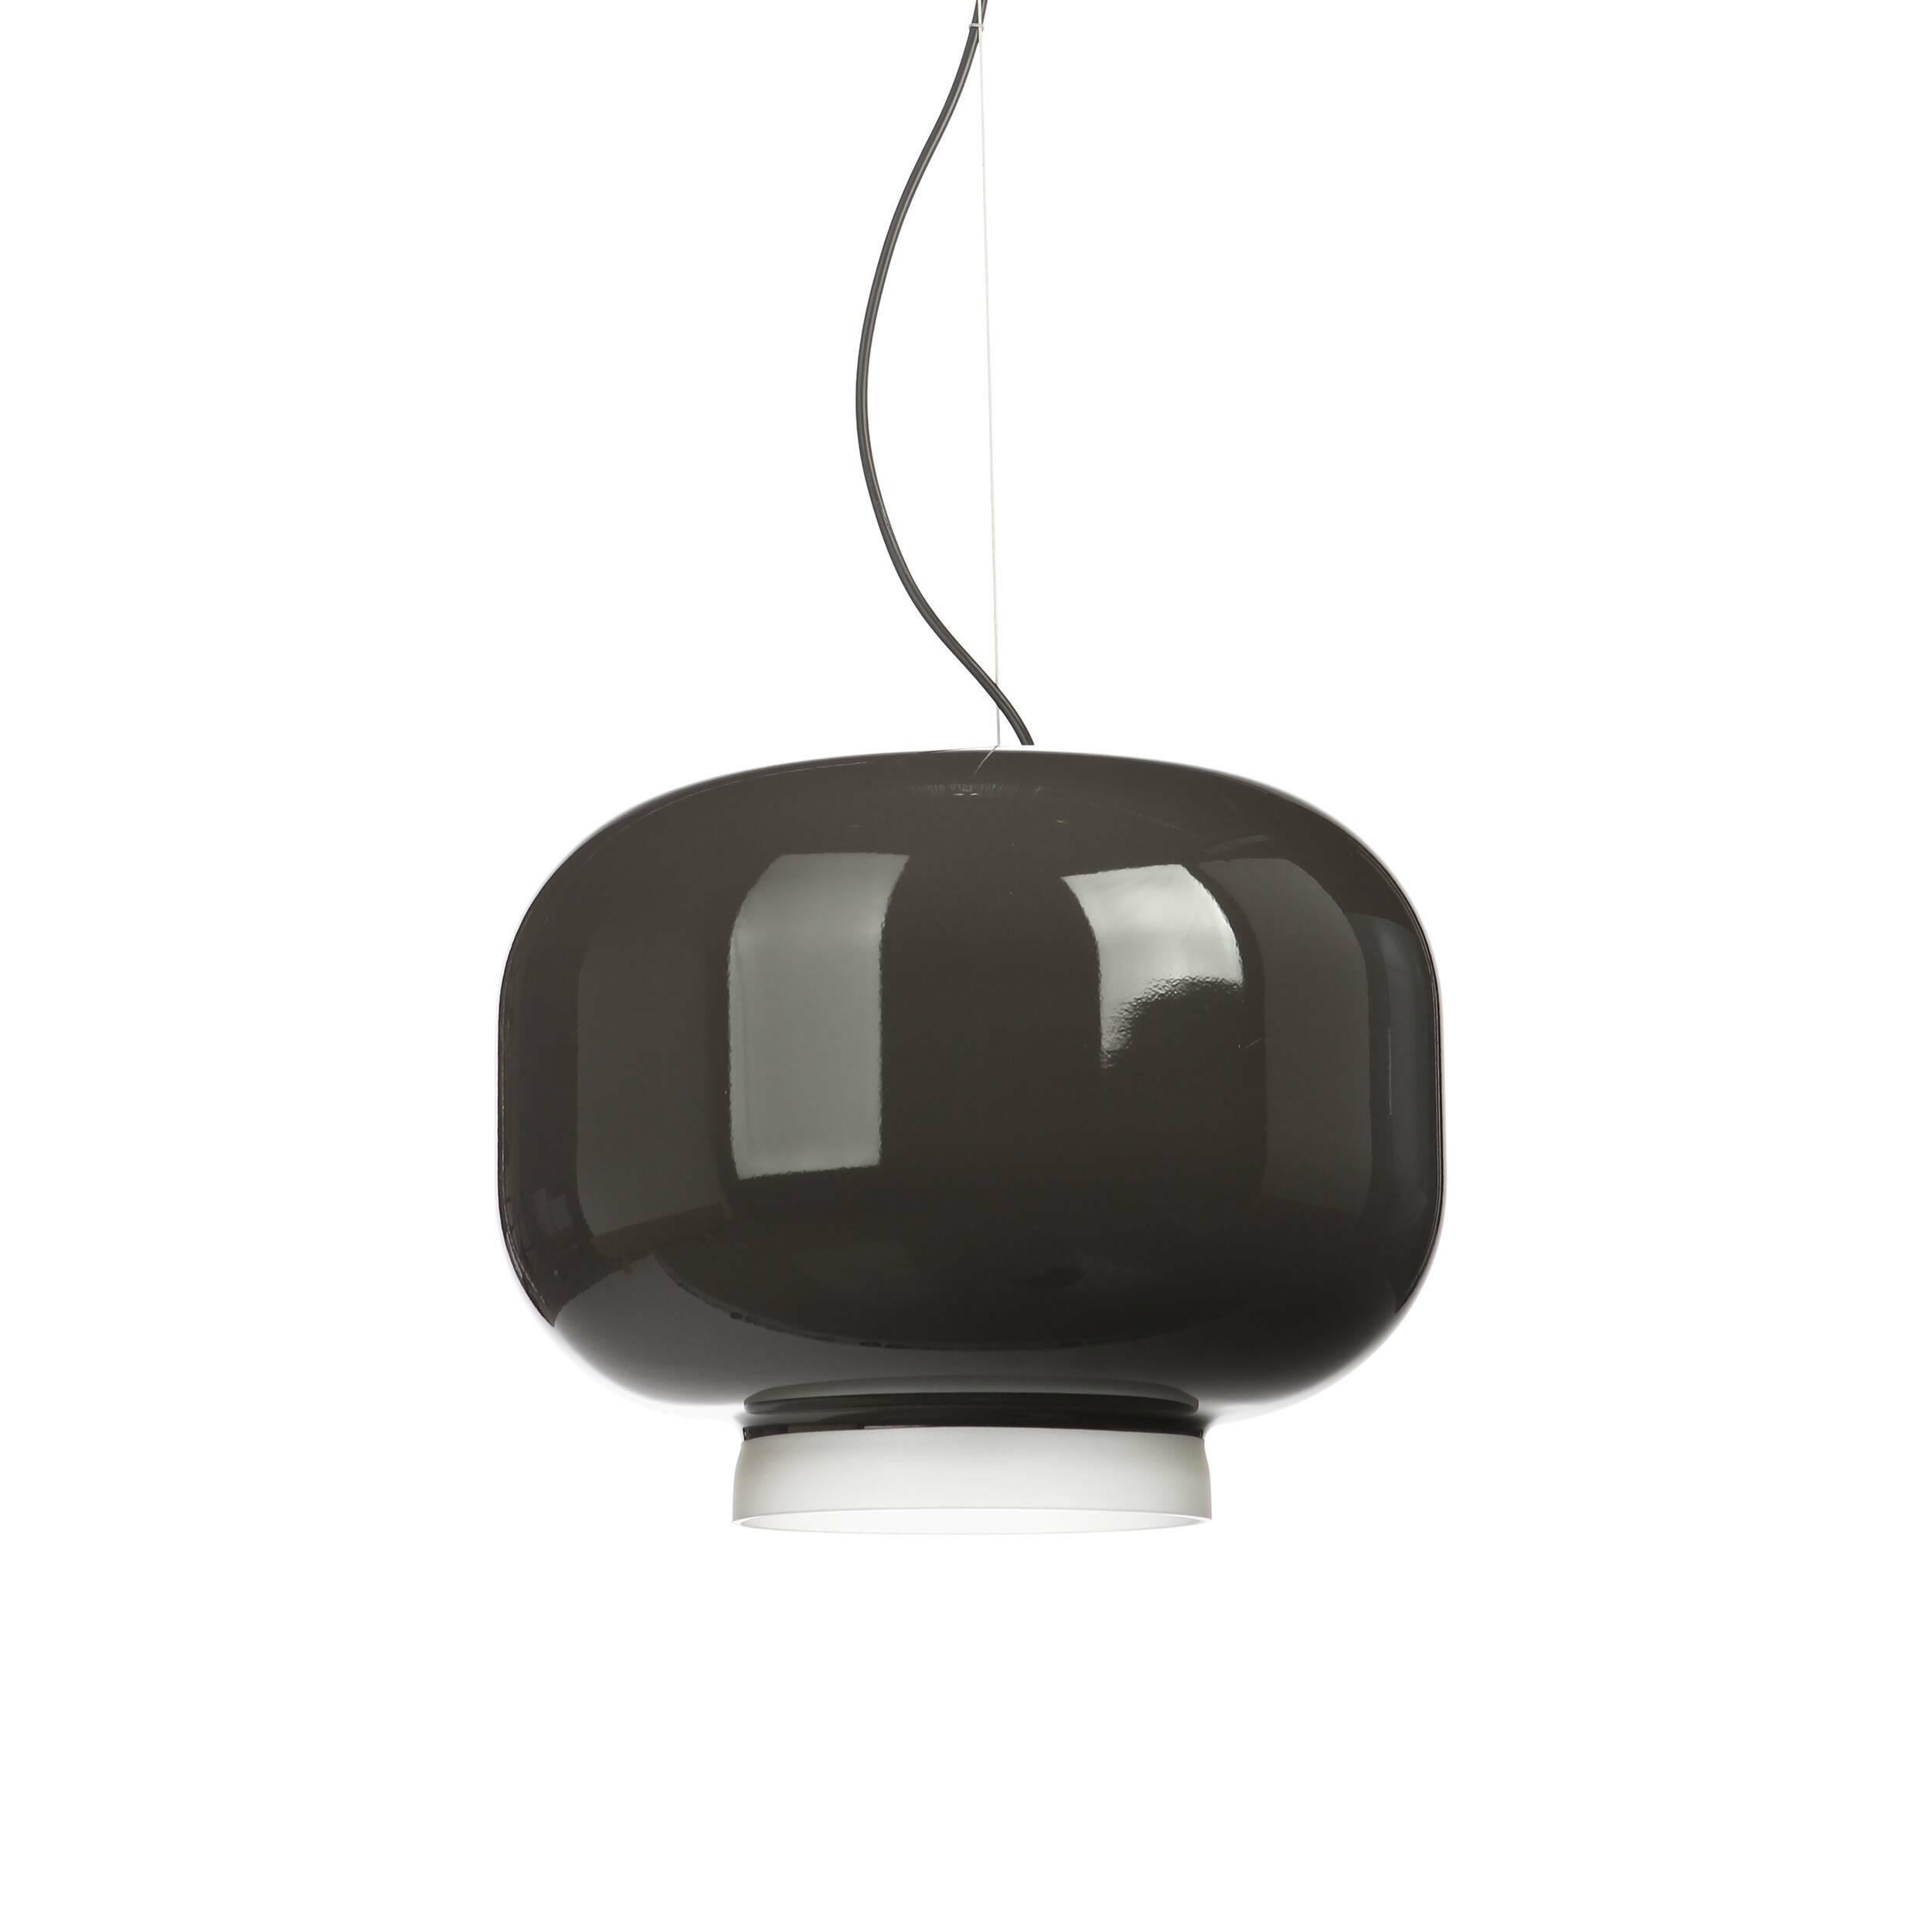 Подвесной светильник Chouchin диаметр 40Подвесные<br>Подвесной светильник Chouchin с плафоном из лакированного выдувного стекла. <br><br><br> Chouchin — традиционный японский фонарь из бумаги и бамбука, который используется для украшения входов в общественные заведения. Светильник Chouhin — это современная интерпретация этого фонаря. Внутренняя часть плафона имеет матовое покрытие, в то время как внешняя окрашена в яркий цвет. <br><br><br>Коллекция включает в себя три светильника разных размеров и цветов: серого, зеленого и оранжевого.<br><br>stock: 1<br>Высота: 160<br>Диаметр: 40<br>Количество ламп: 1<br>Материал абажура: Стекло<br>Мощность лампы: 13<br>Ламп в комплекте: Нет<br>Напряжение: 220<br>Тип лампы/цоколь: E27<br>Цвет абажура: Серый